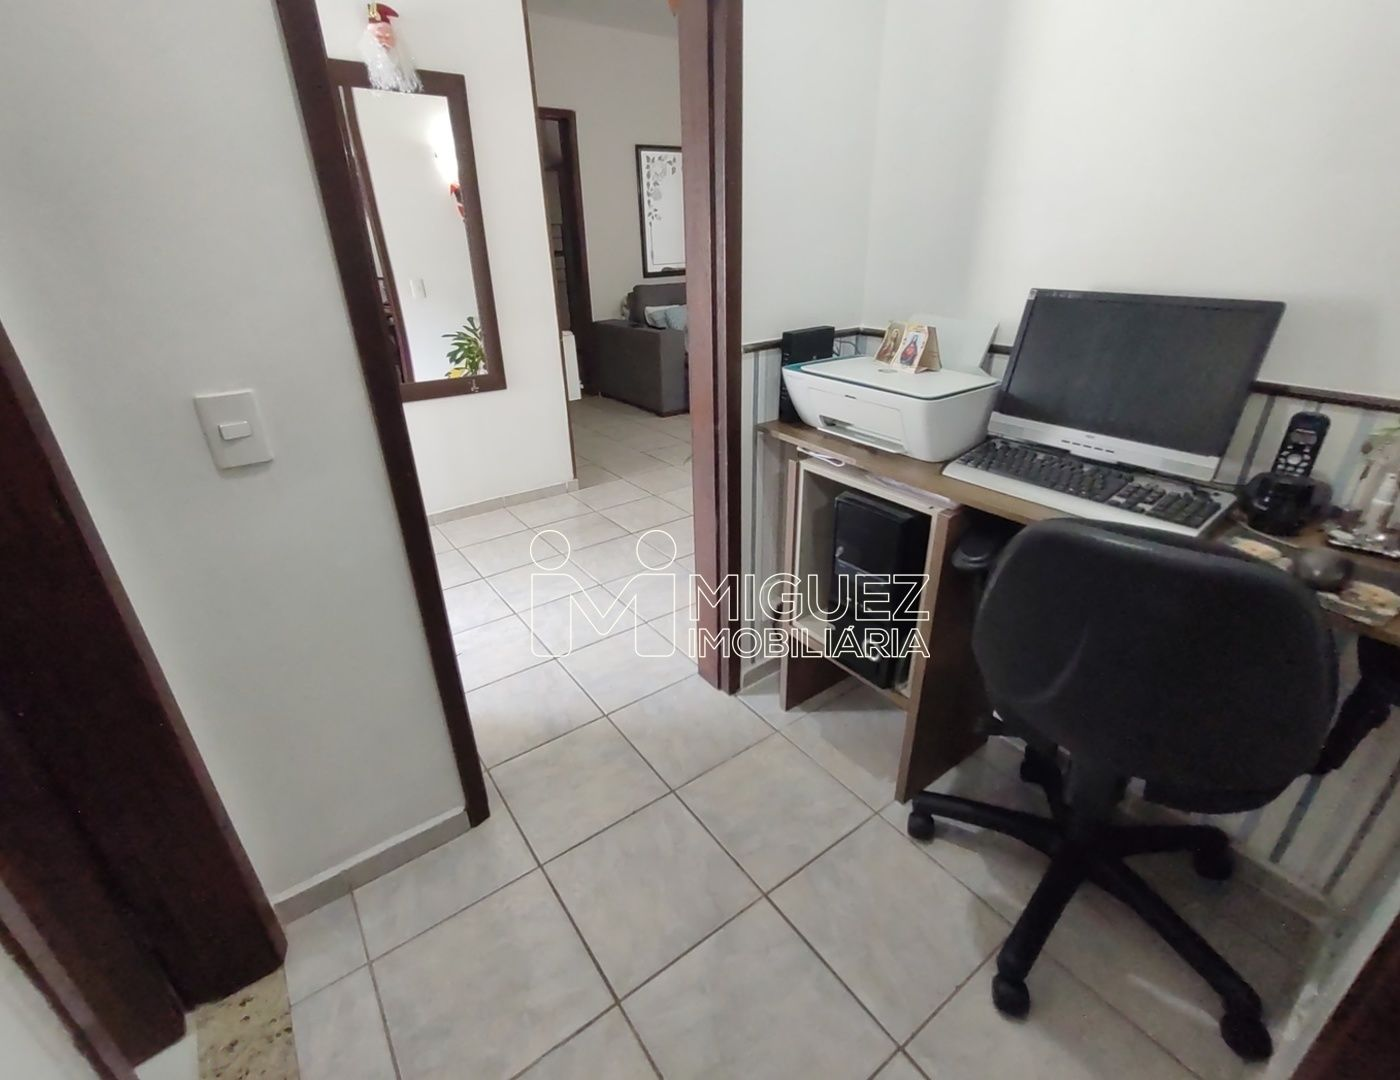 Apartamento, venda, Rua Visconde de Santa Isabel - Vila Isabel , Rio de janeiro